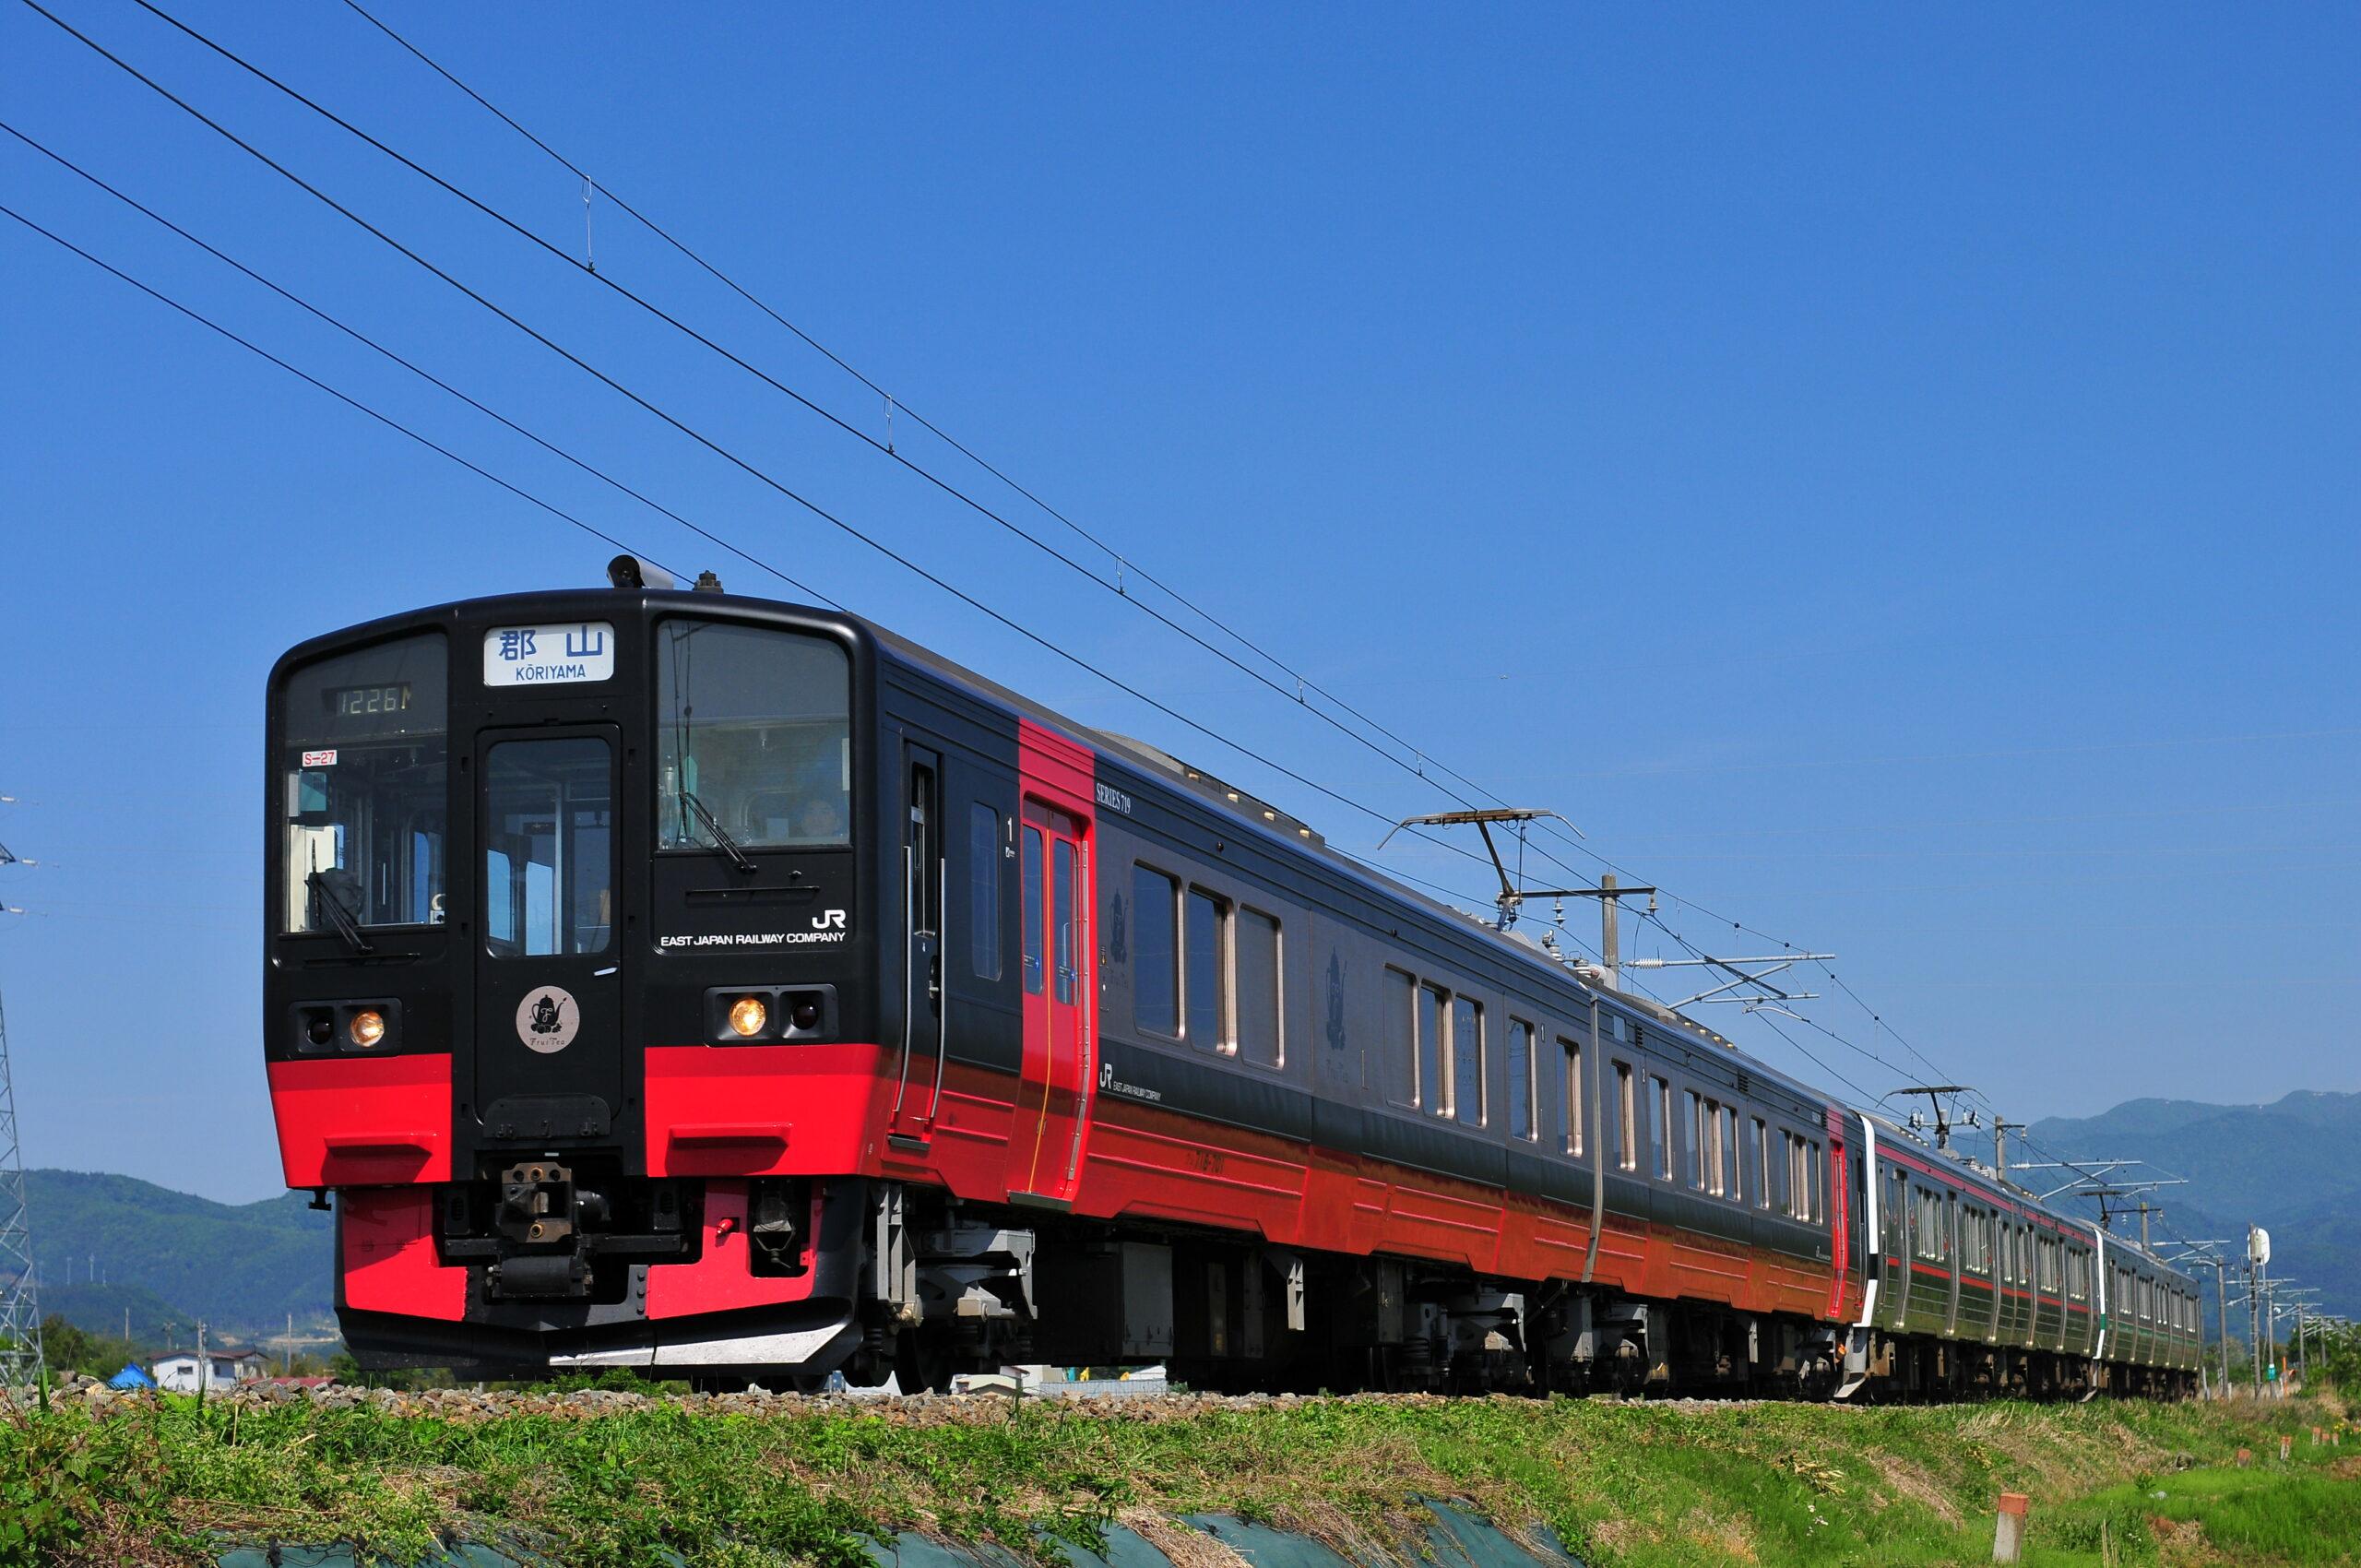 フルーティアふくしま乗車と会津若松の歴史を訪ねて